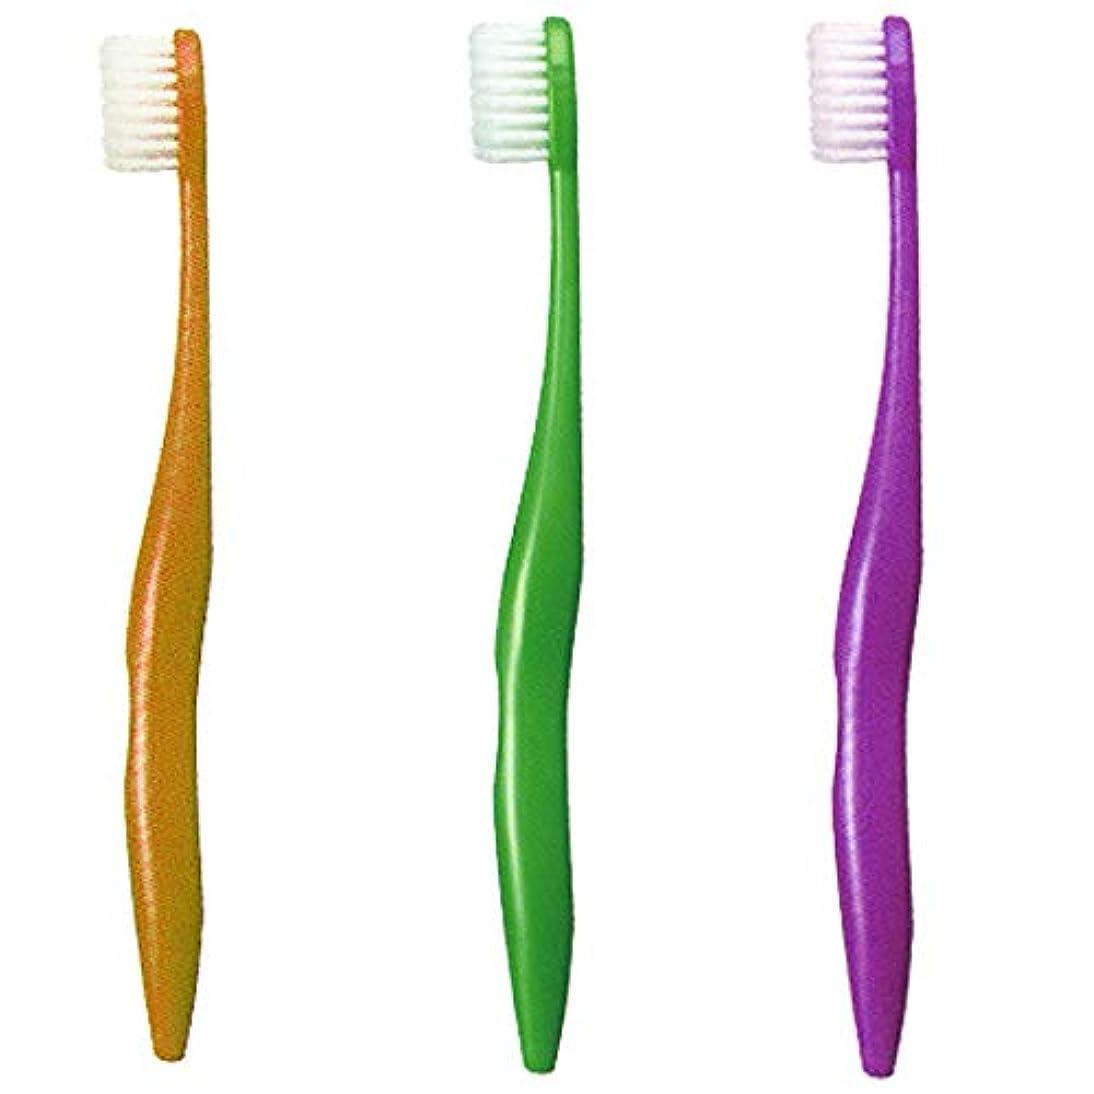 細分化するプログラムハンディキャップ日本製 歯ブラシ ライカブル ミニ 12本【ライカブル】